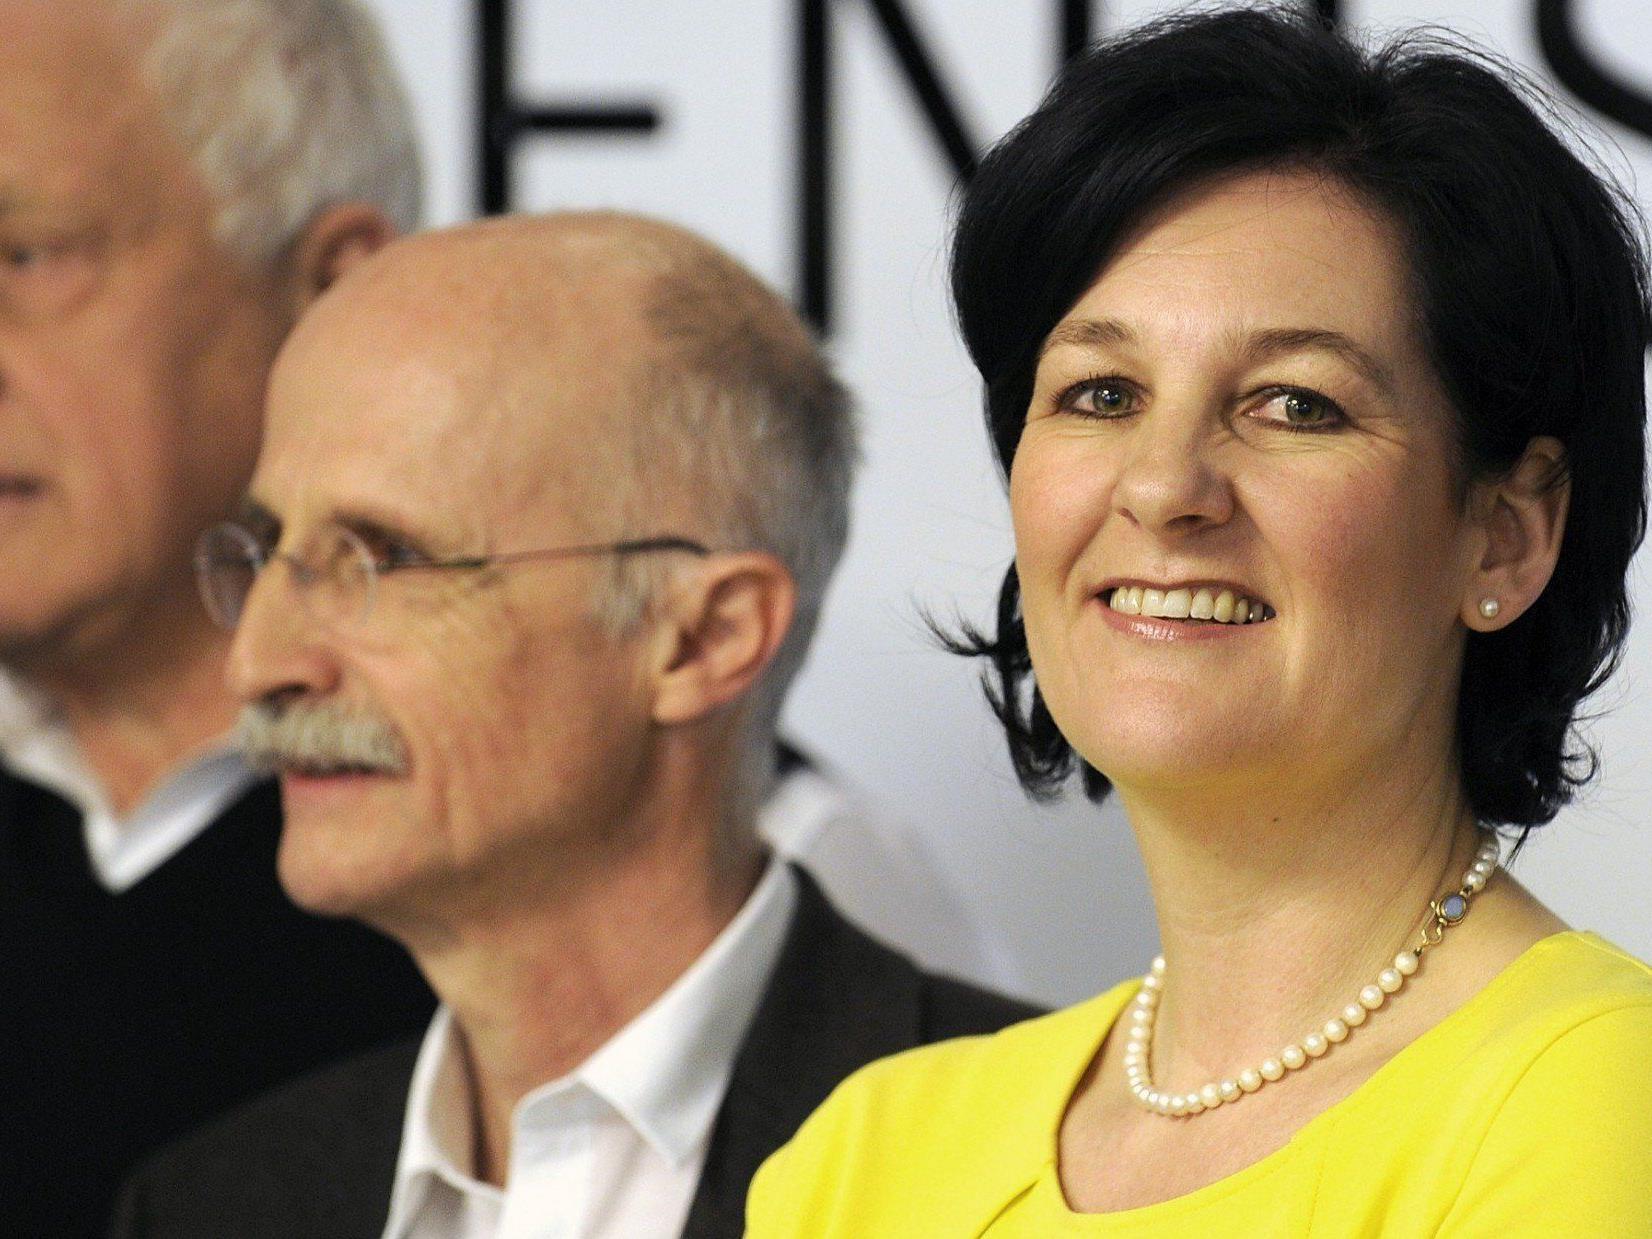 Spitzenkandidatin Andrea Haselwanter-Schneider tritt für die Liste Fritz in Tirol an.